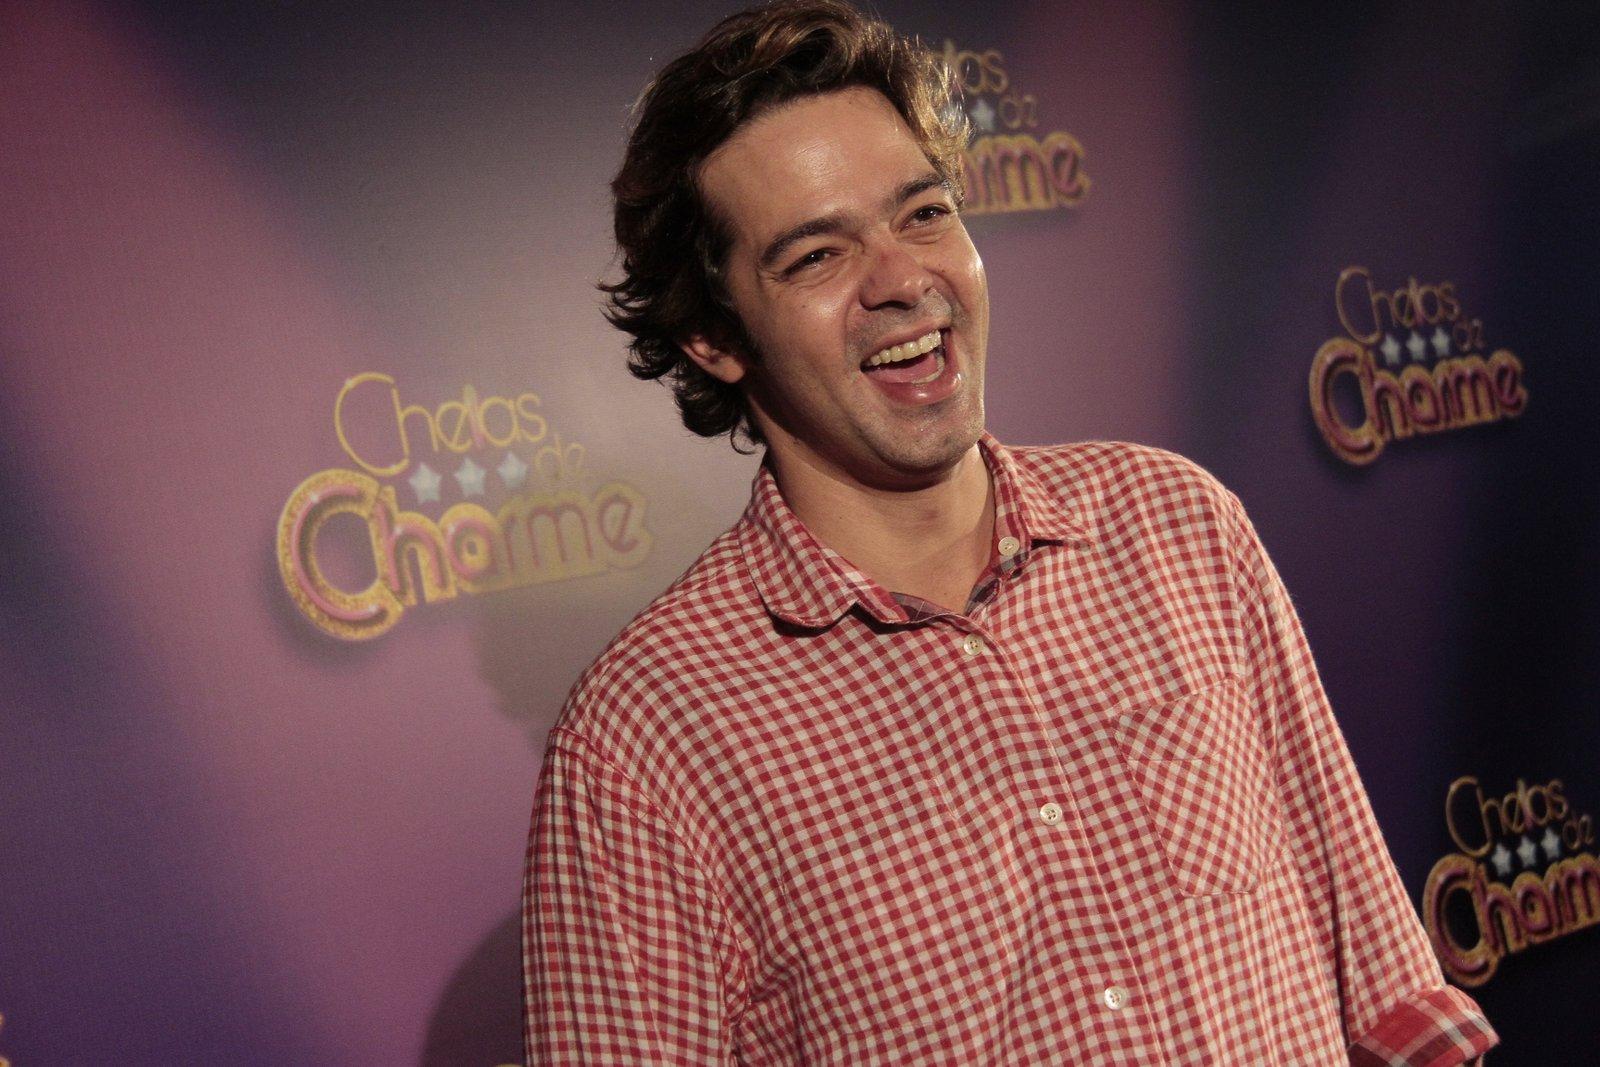 Bruno Mazzeo fez sua primeira aparição após a morte do pai, Chico Anysio, durante a festa de lançamento da novela 'Cheias de Charme', nesta sexta-feira à noite, 30, na Feira de São Cristóvão, na Zona Norte do Rio